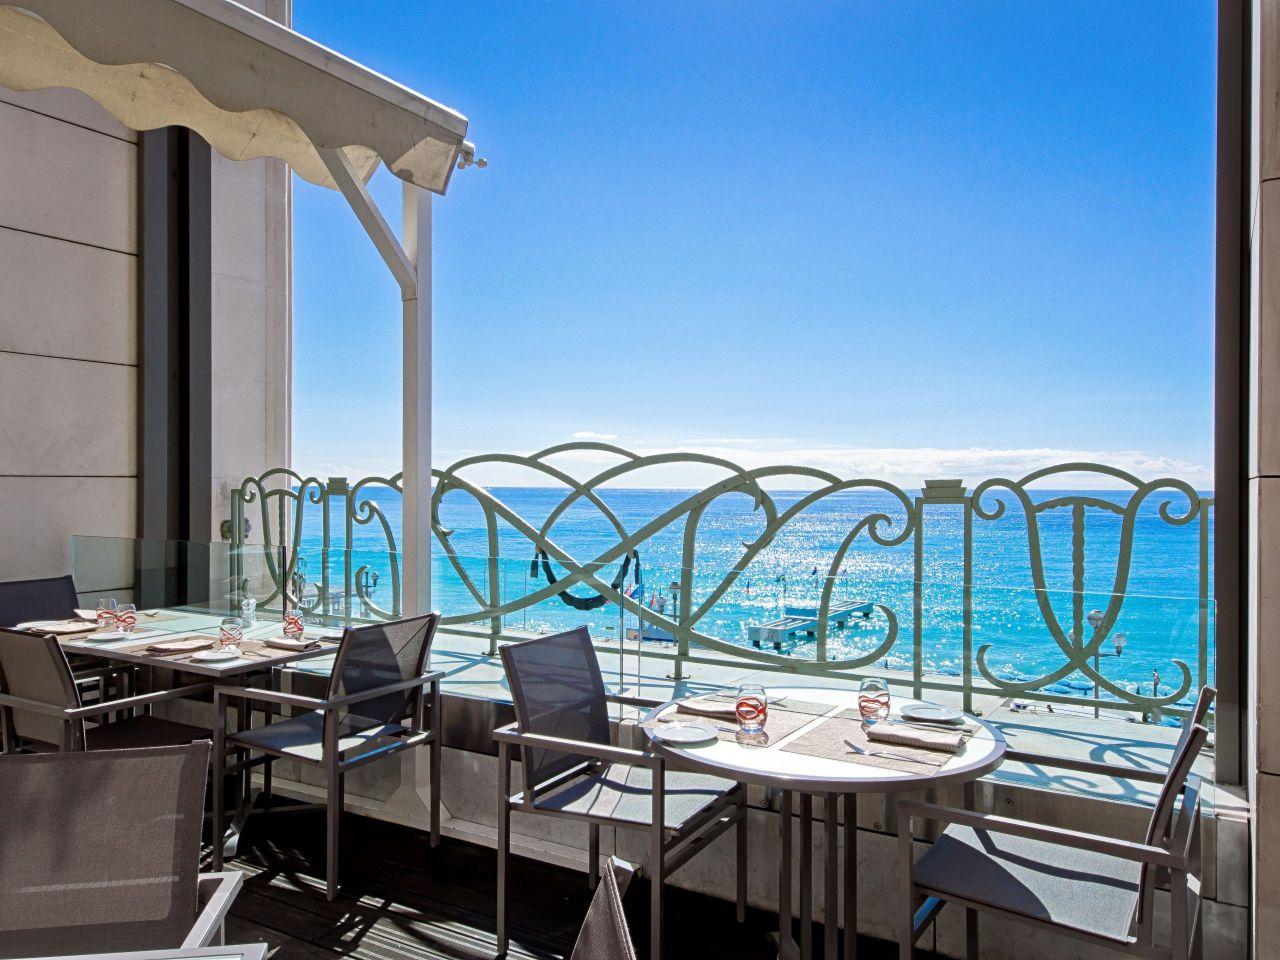 3e Restaurant Terrace